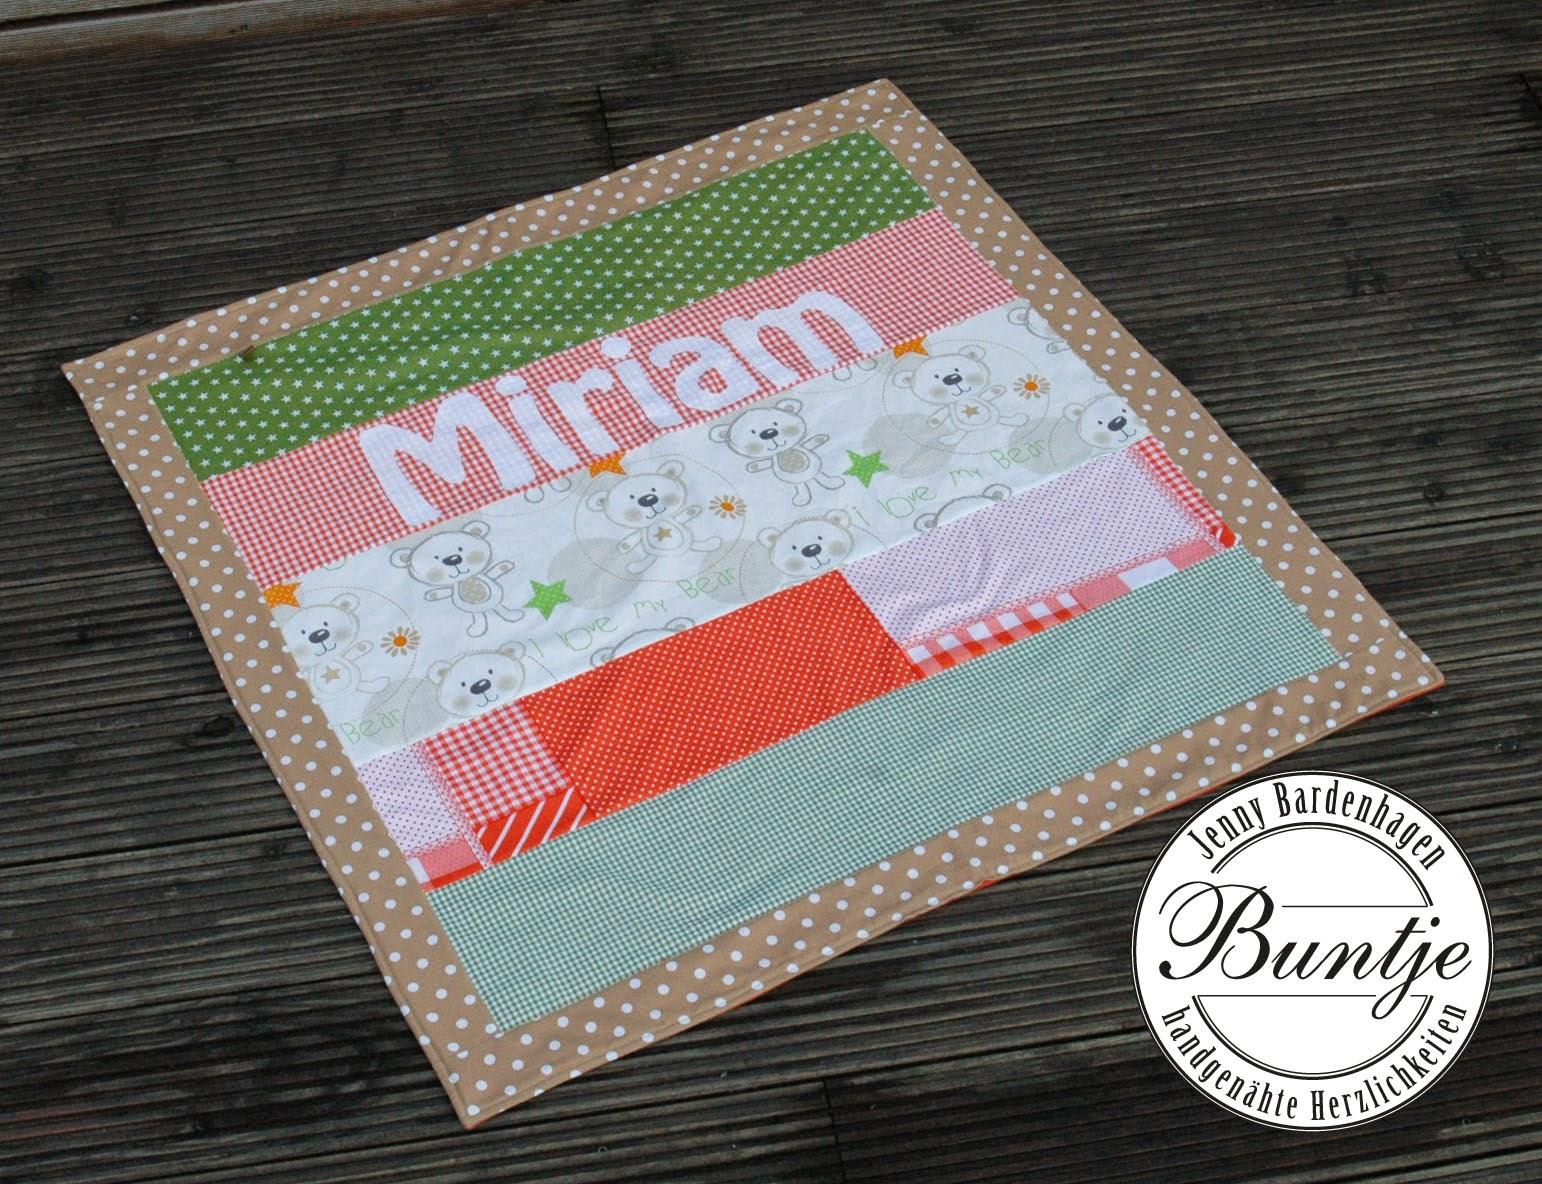 Kuscheldecke Decke Einschlagdecke Baby Name Geschenk Geburt Taufe Mädchen retro orange grün braun beige Baumwolle Fleece handmade Nähen Buntje